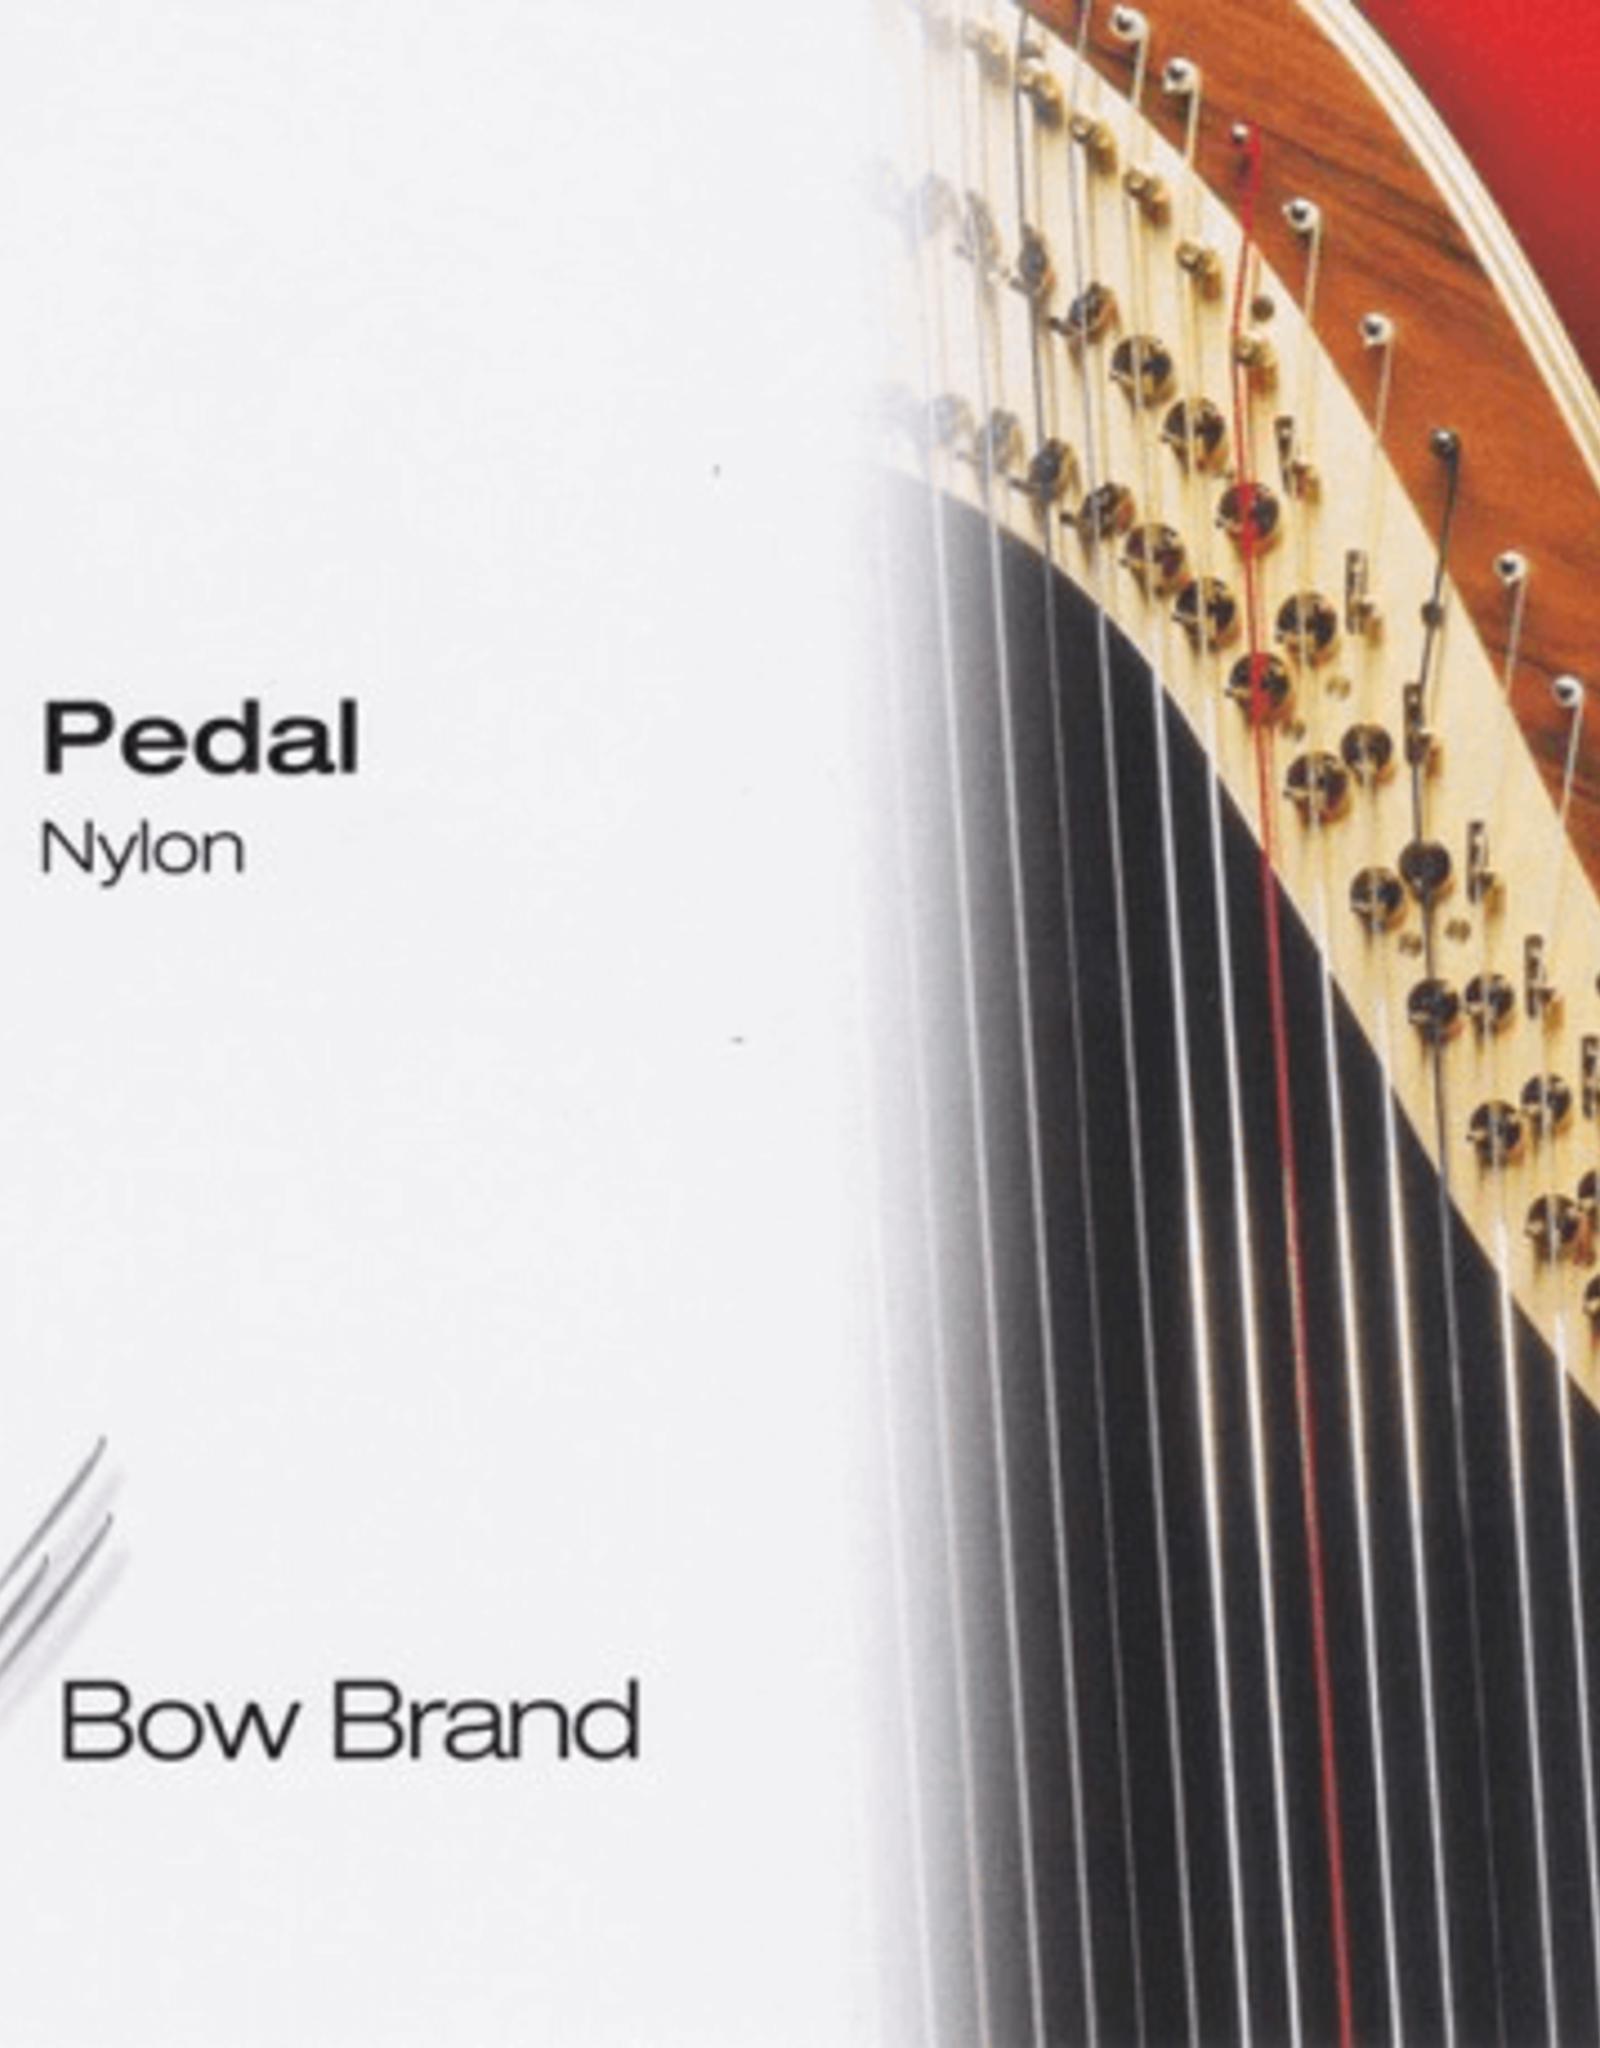 BOW BRAND  pedaal nylon - pedal NYLON 1/1mi